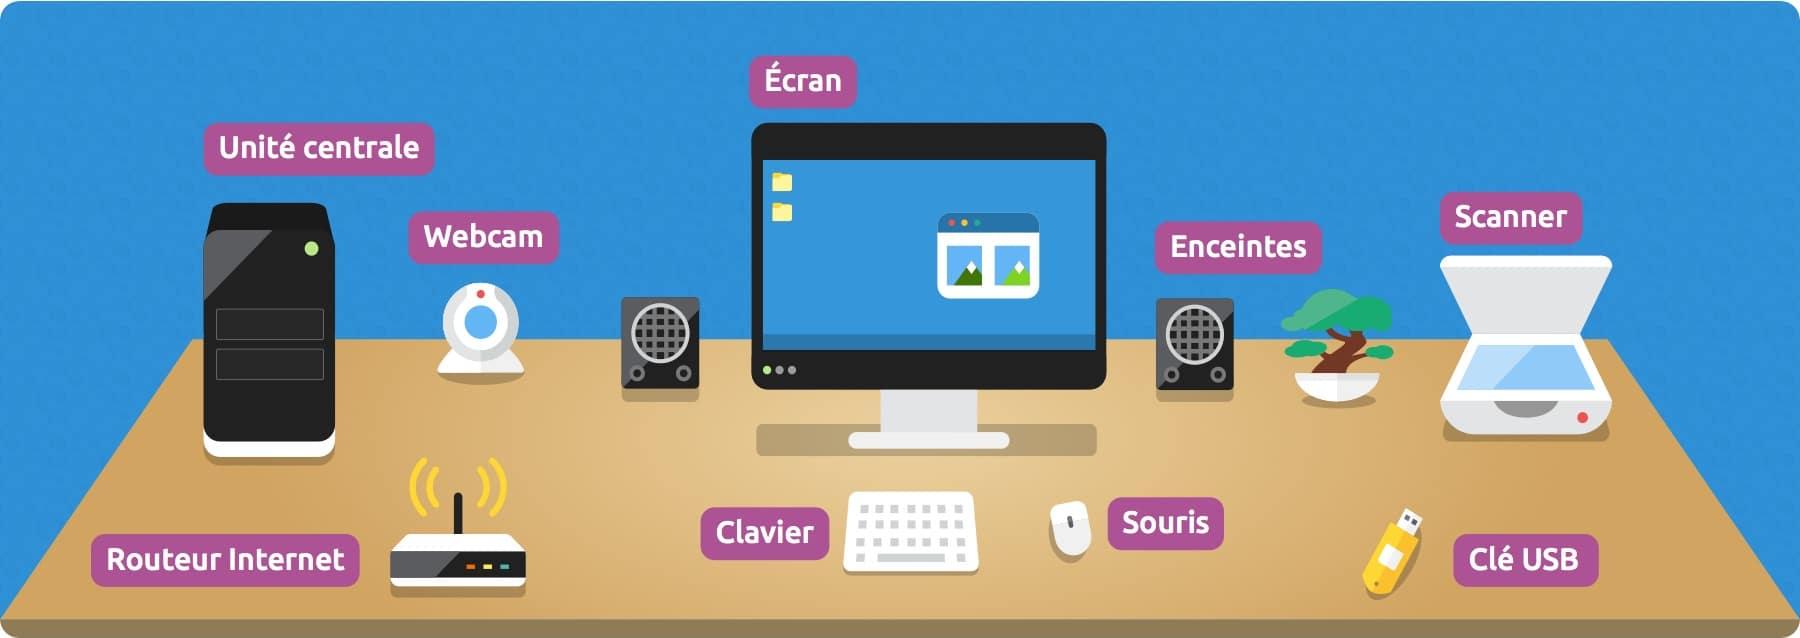 Schéma d'un ordinateur et ses périphériques